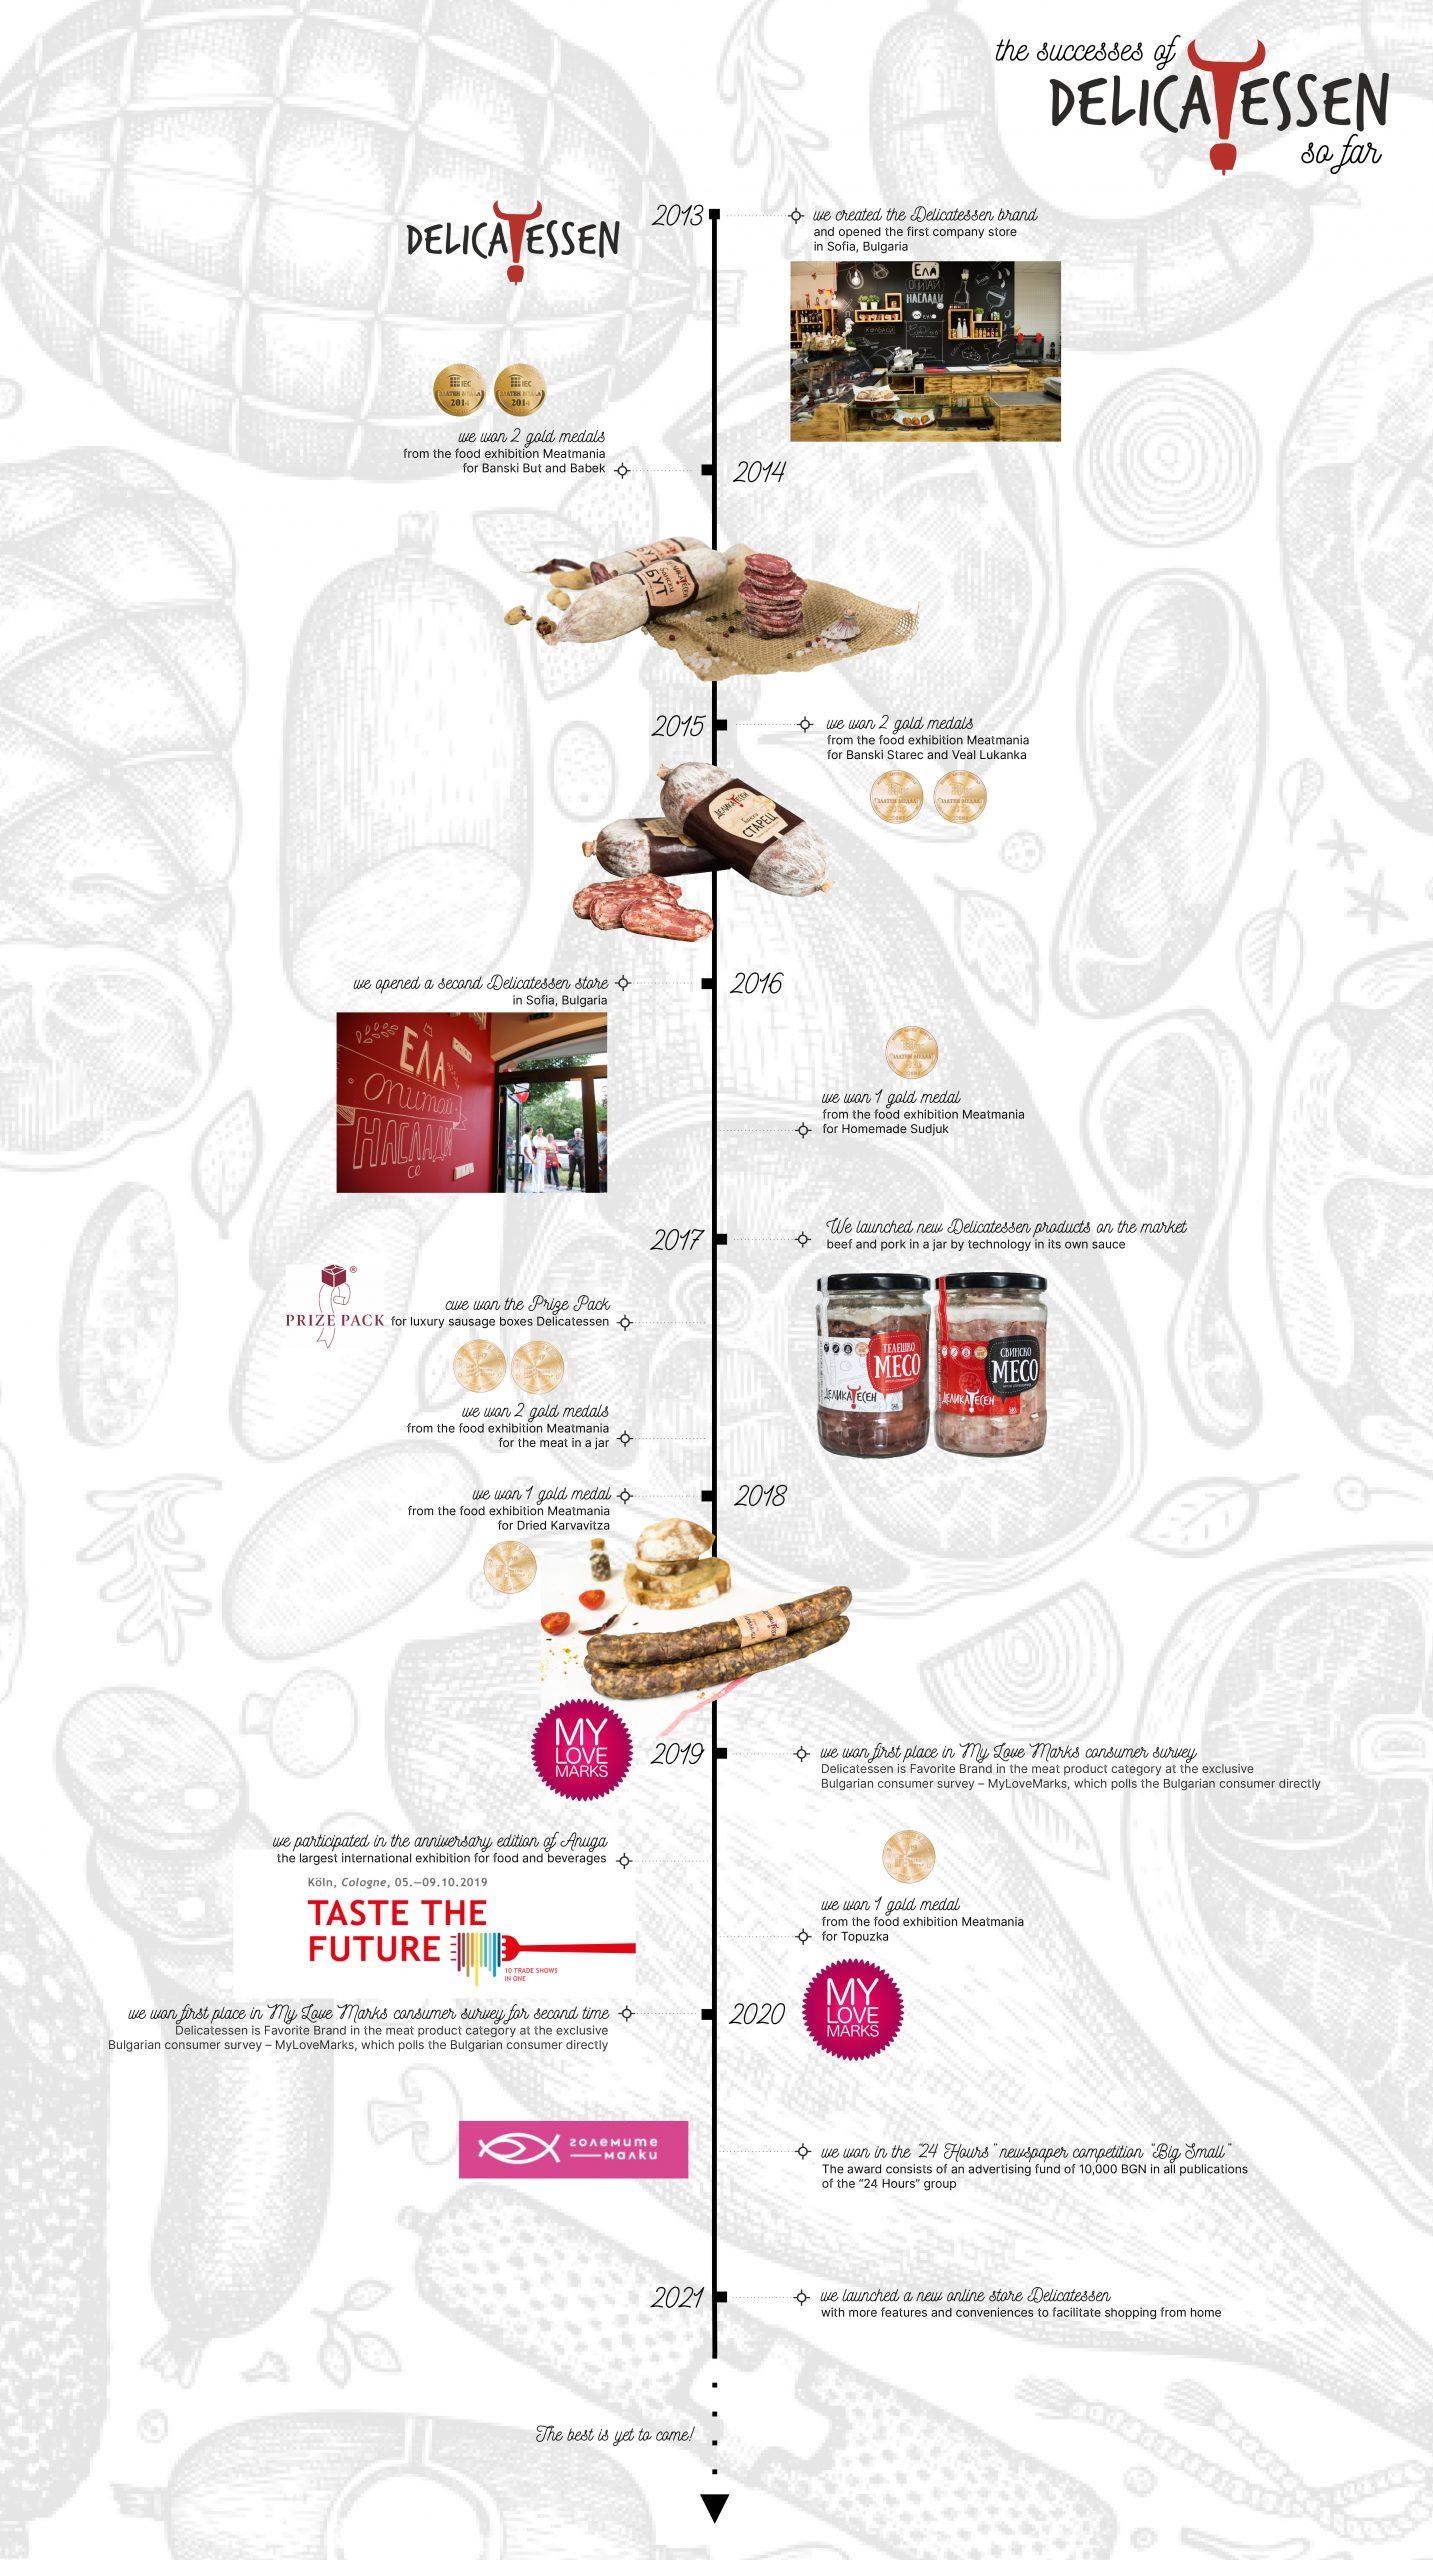 delicatessen_history_timeline